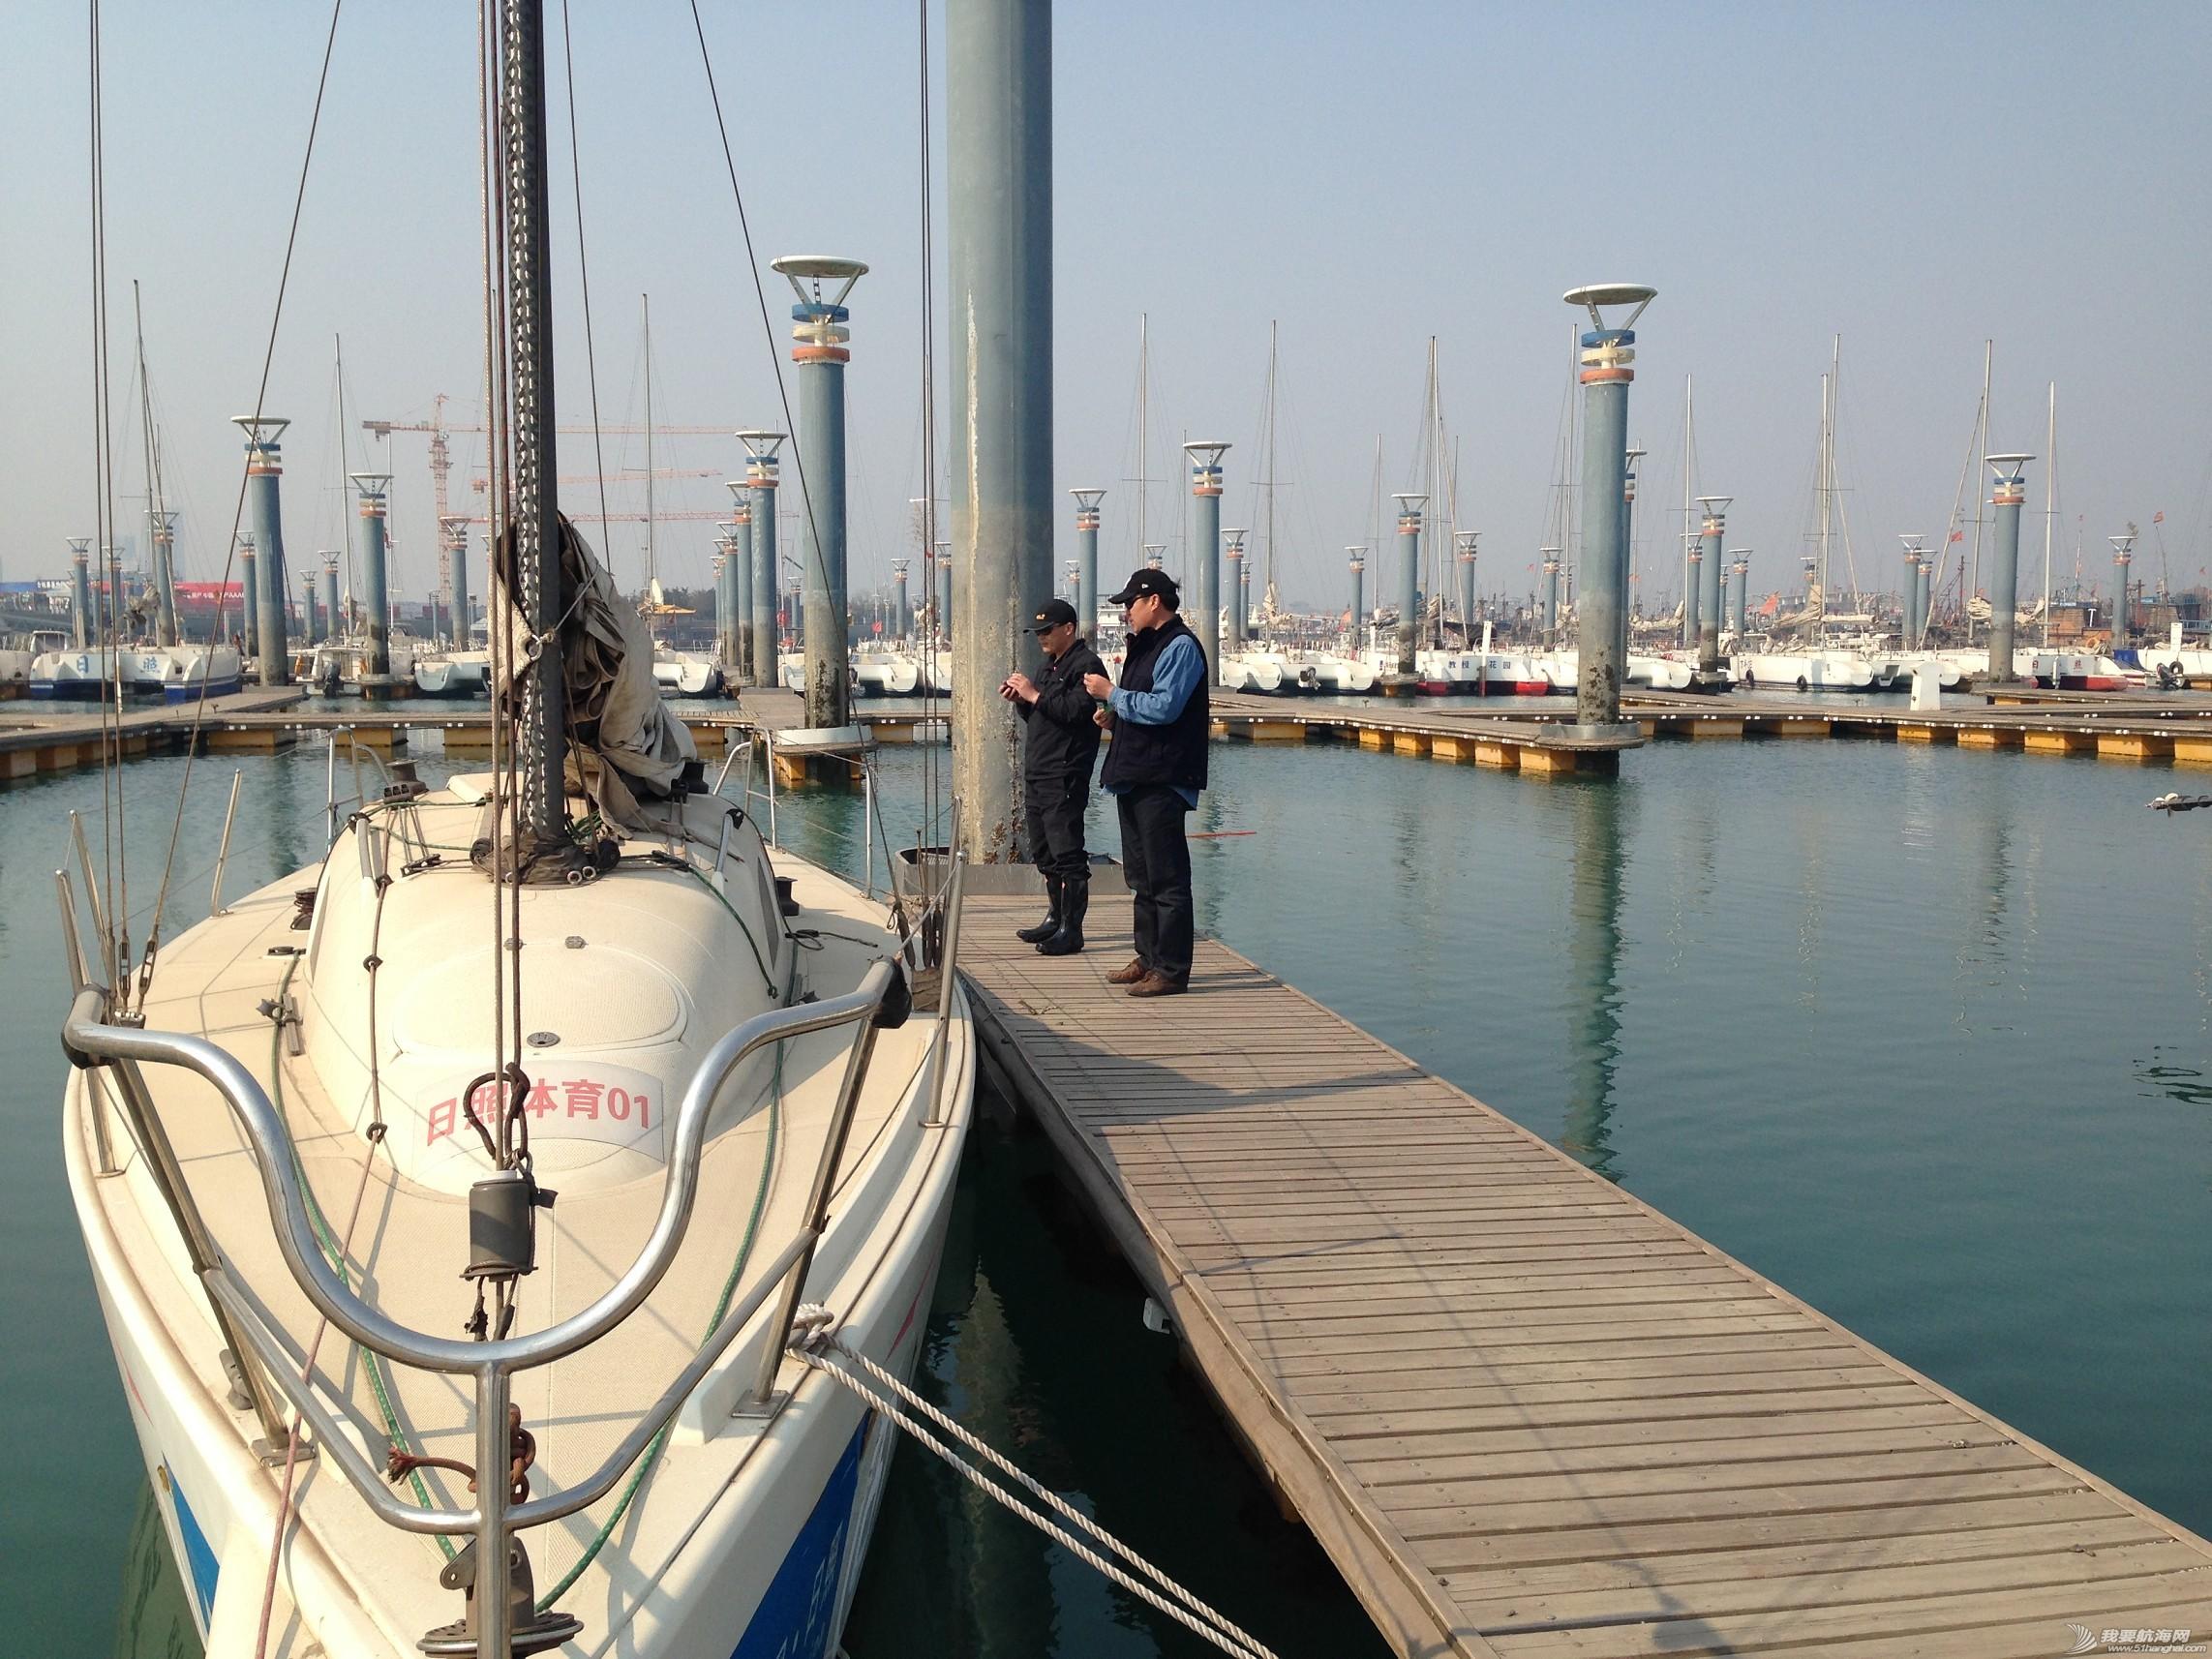 俱乐部,帆船 俱乐部周末参观大帆船 IMG_2793_眸目压缩.JPG